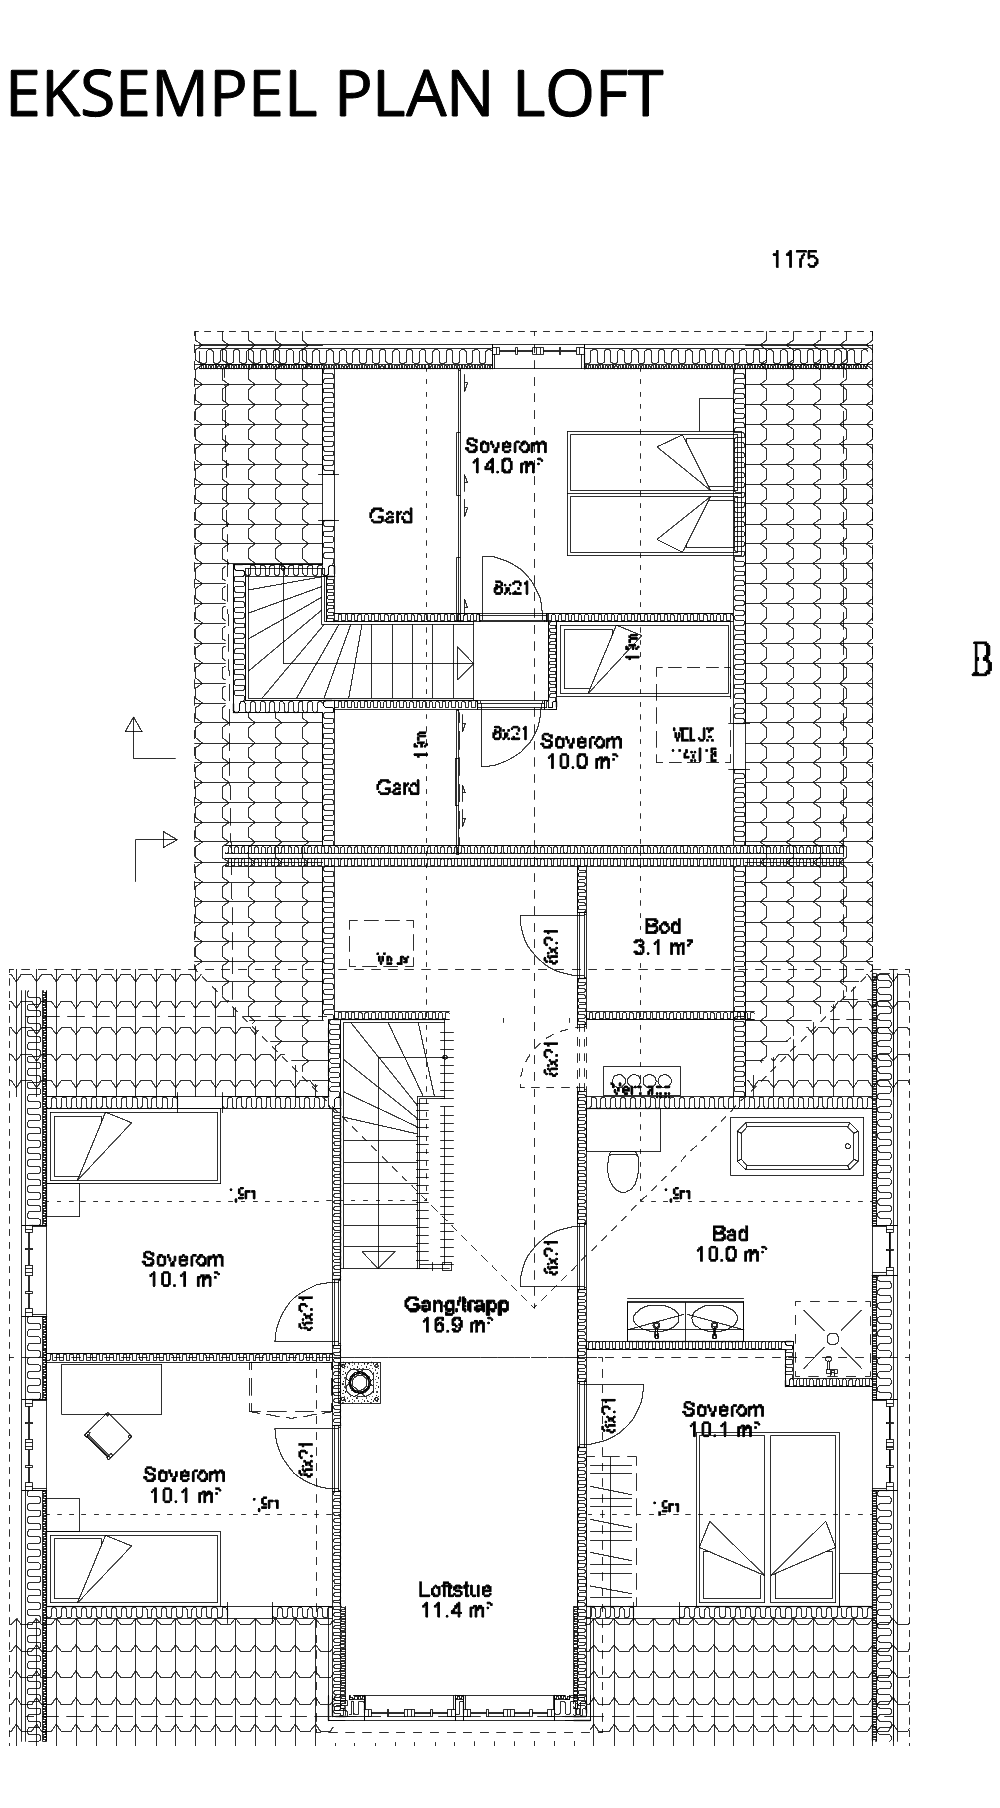 Kragerø Plan 2